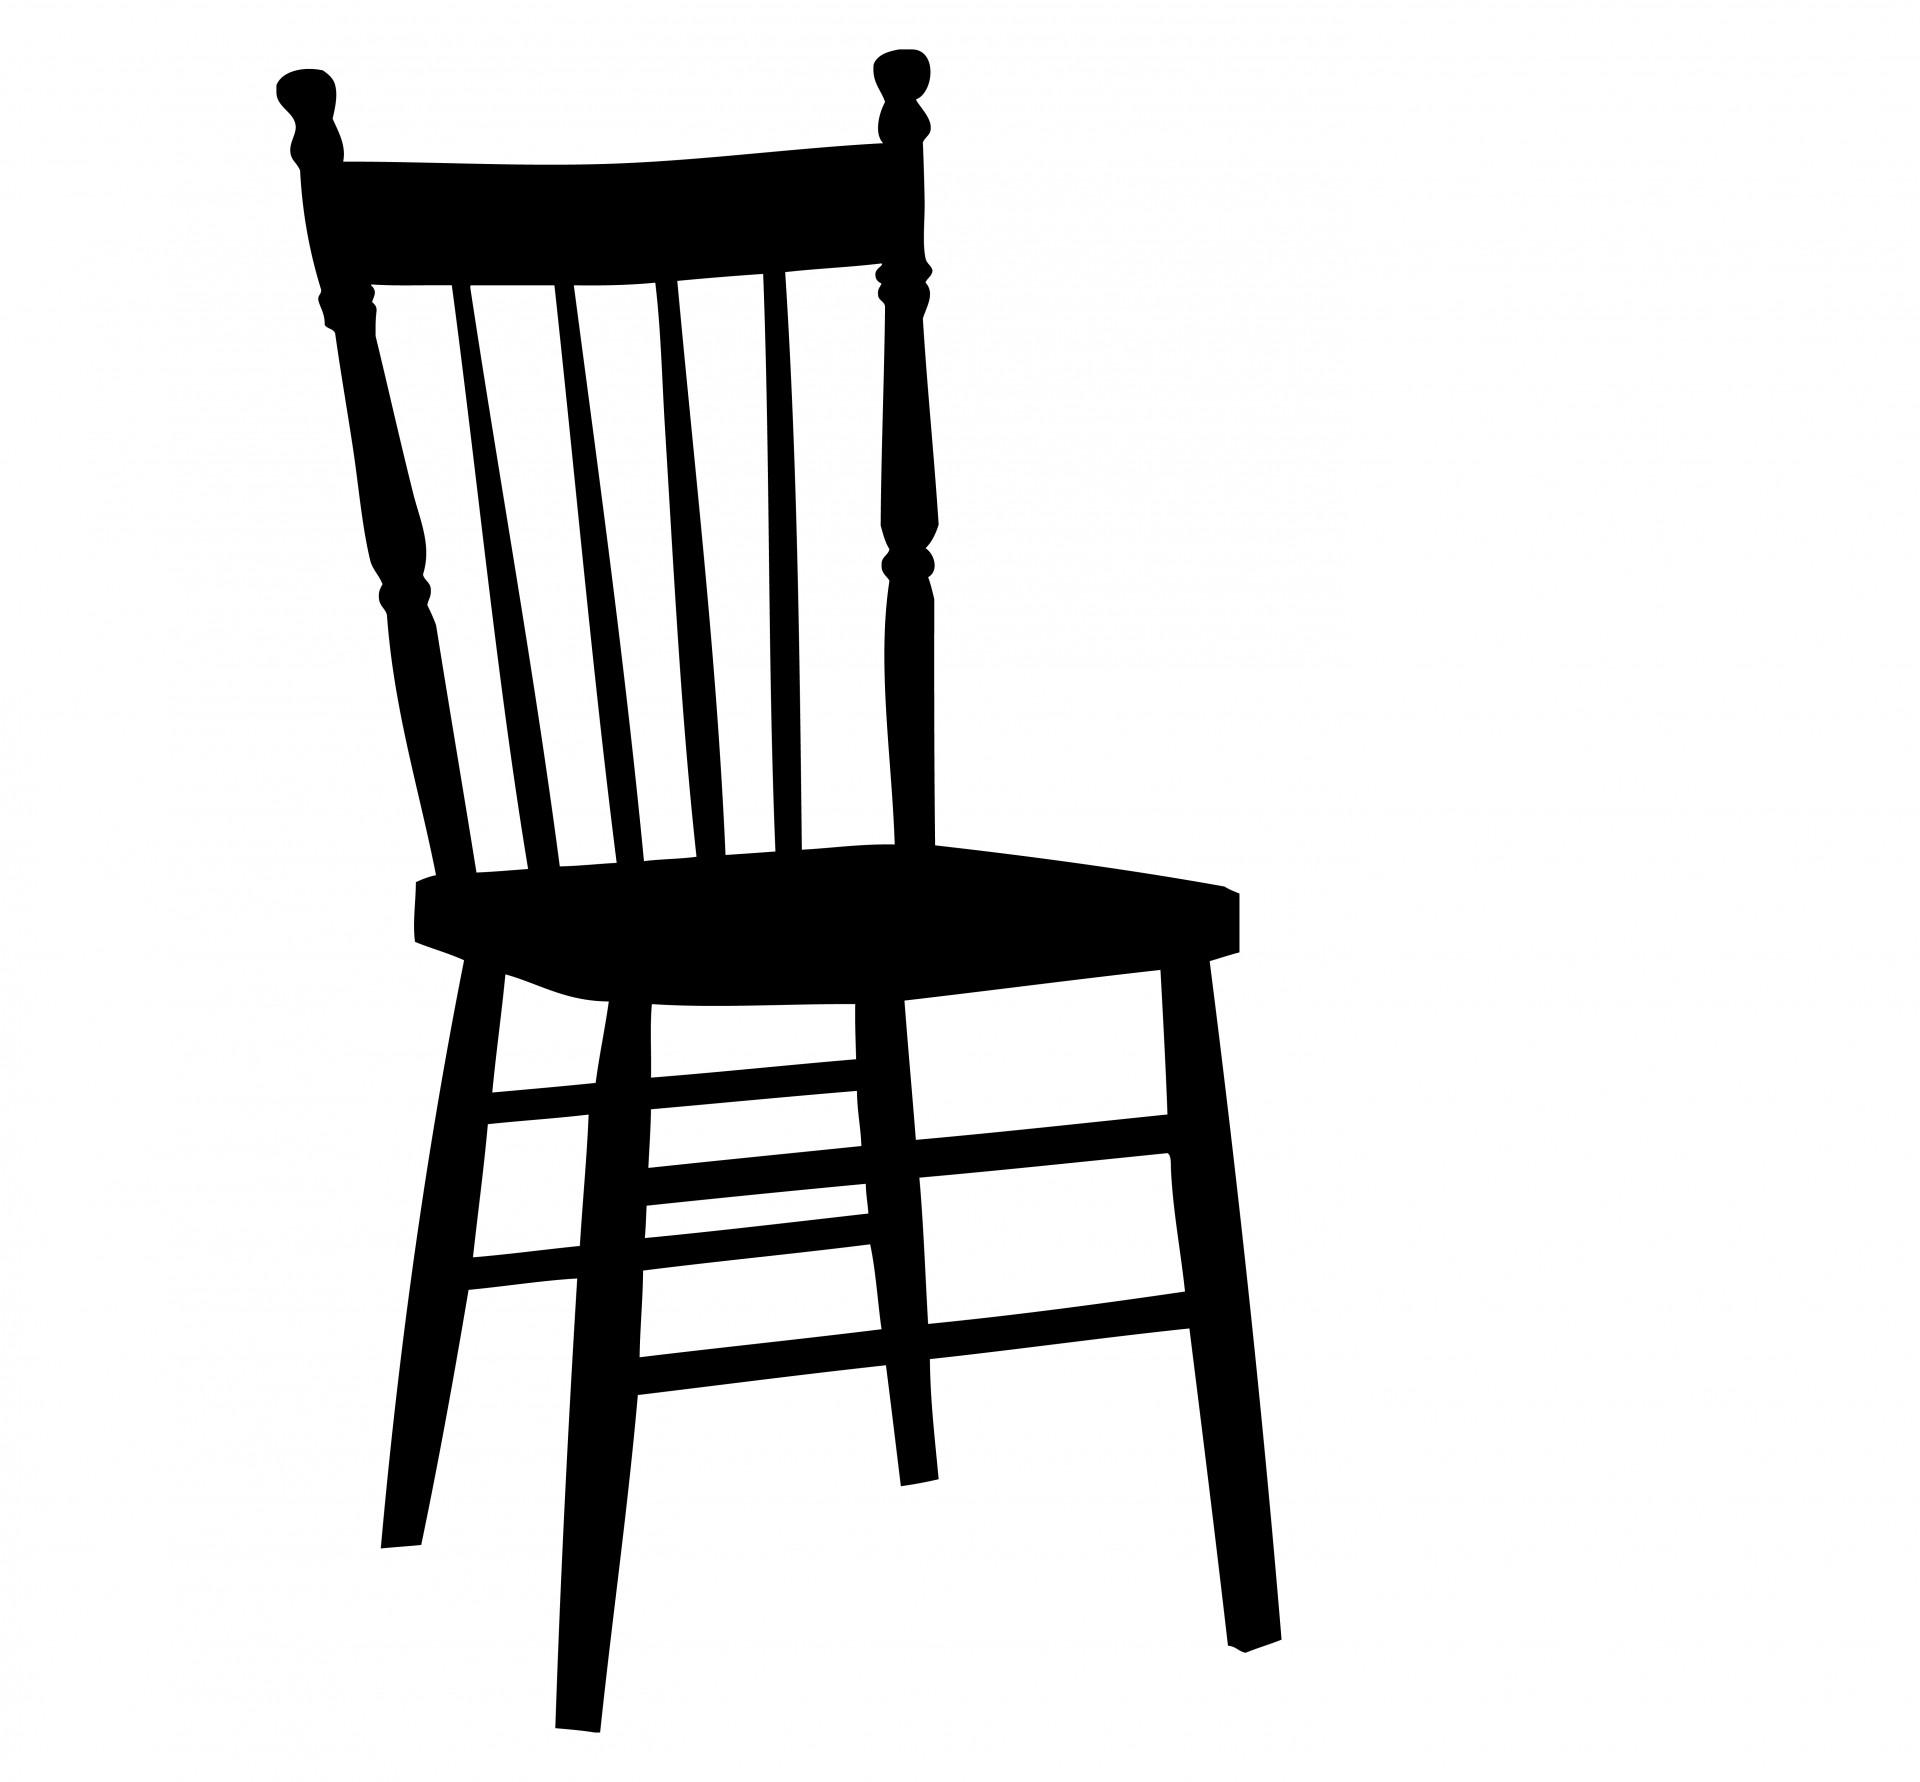 Clipart chair clipart.